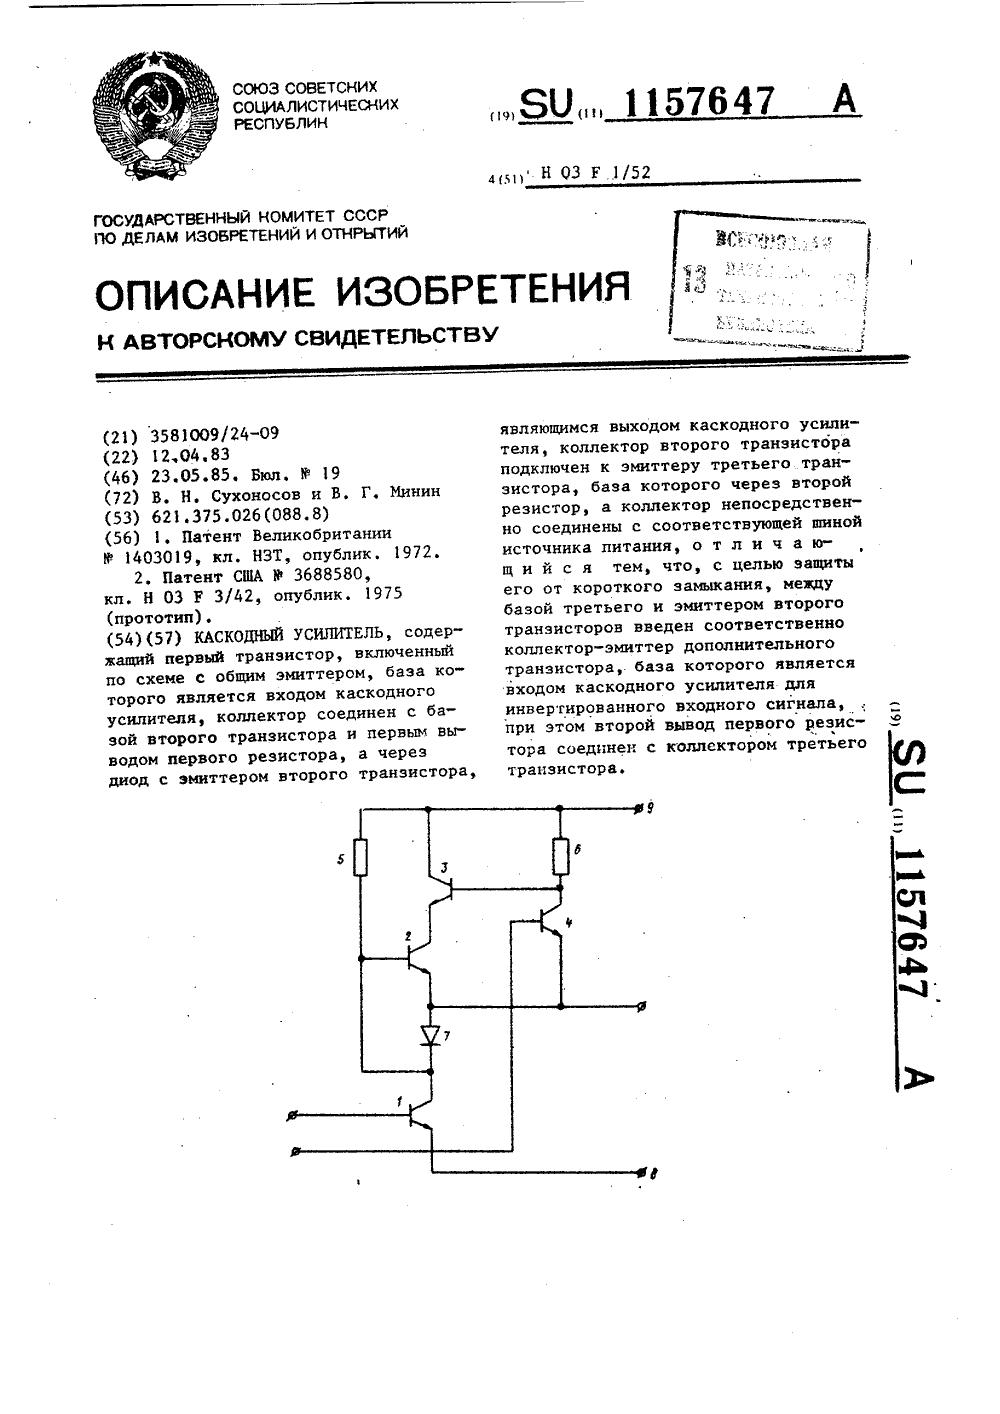 каскодная схема википедия